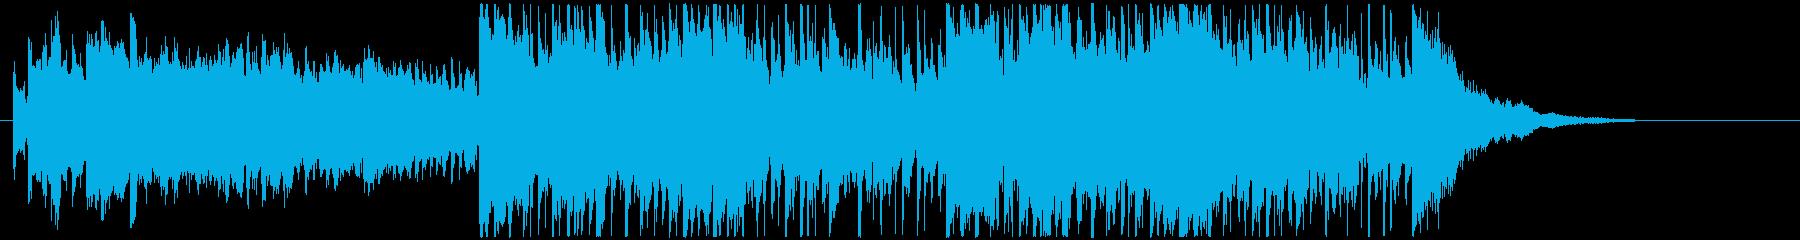 落ち着いた映画音楽、ゲームメニュー画面系の再生済みの波形